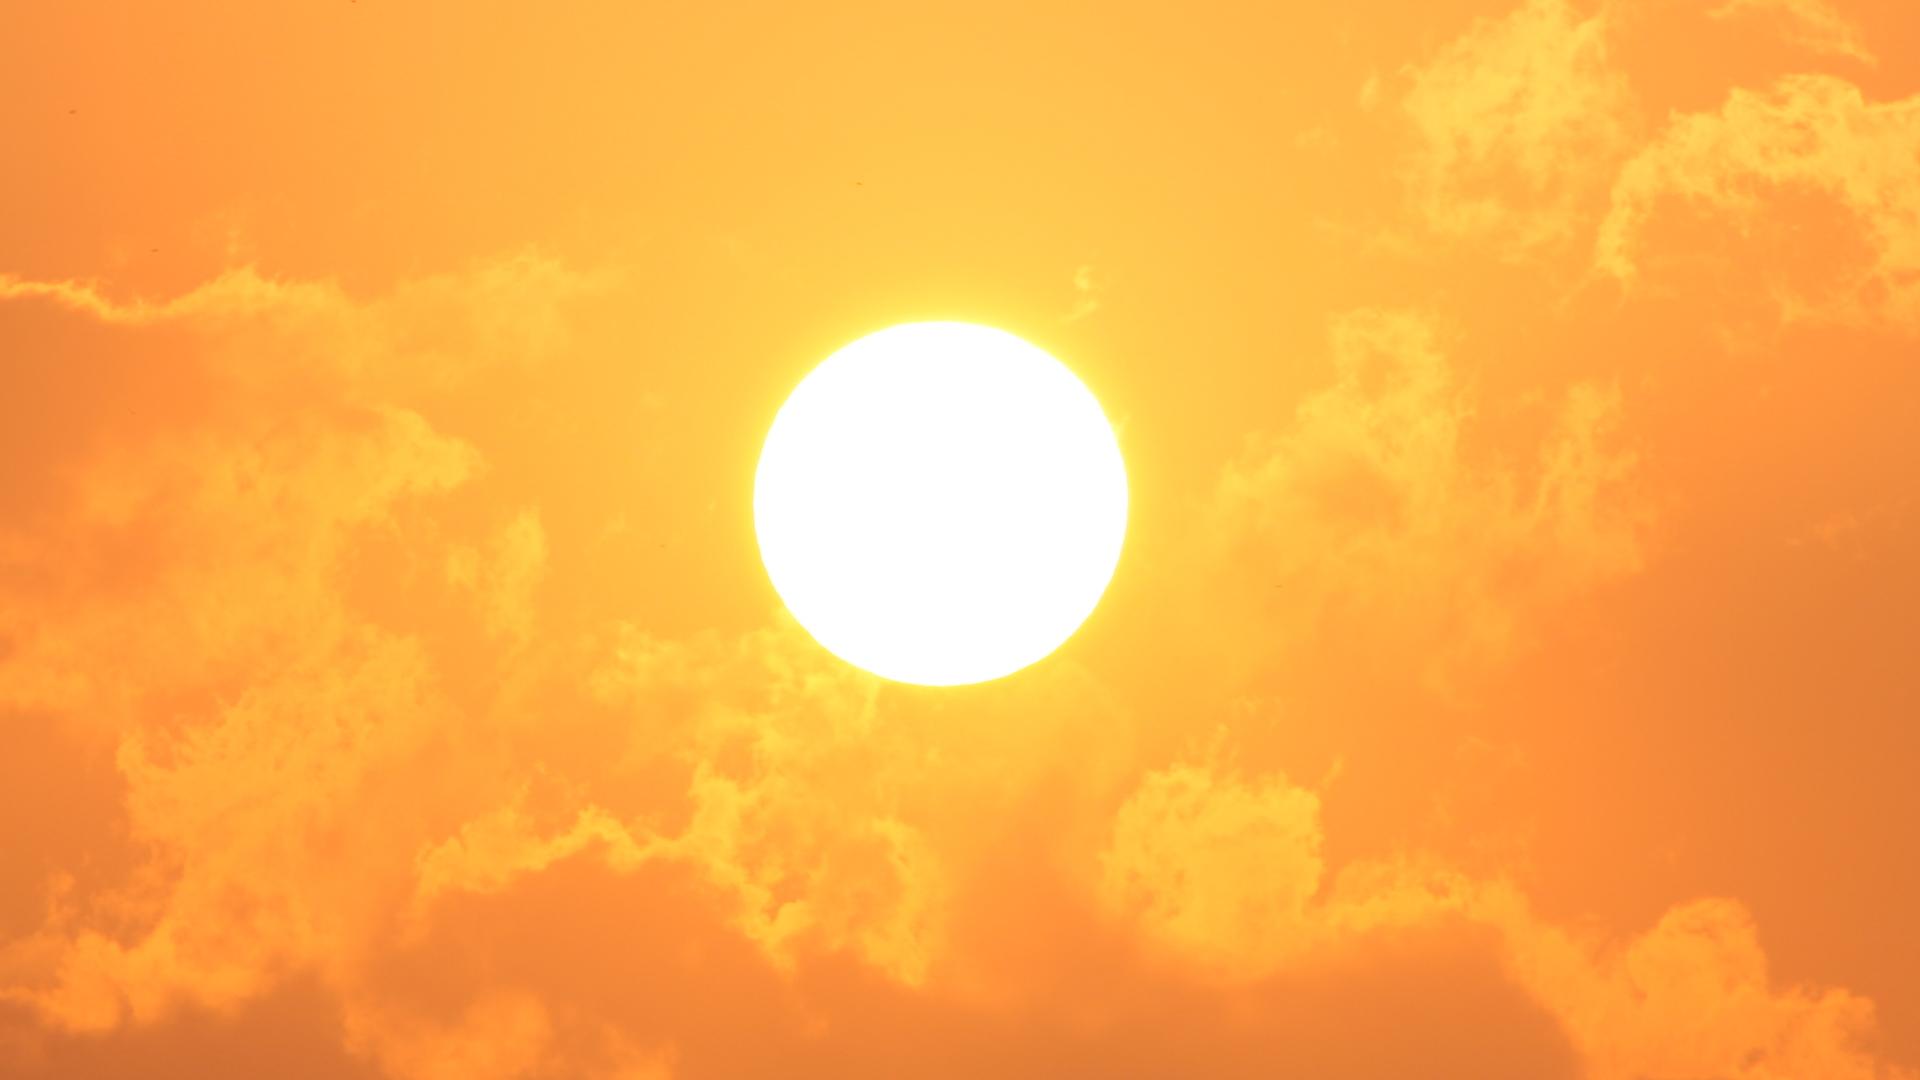 Par quelles étapes passera le Soleil avant de mourir ?